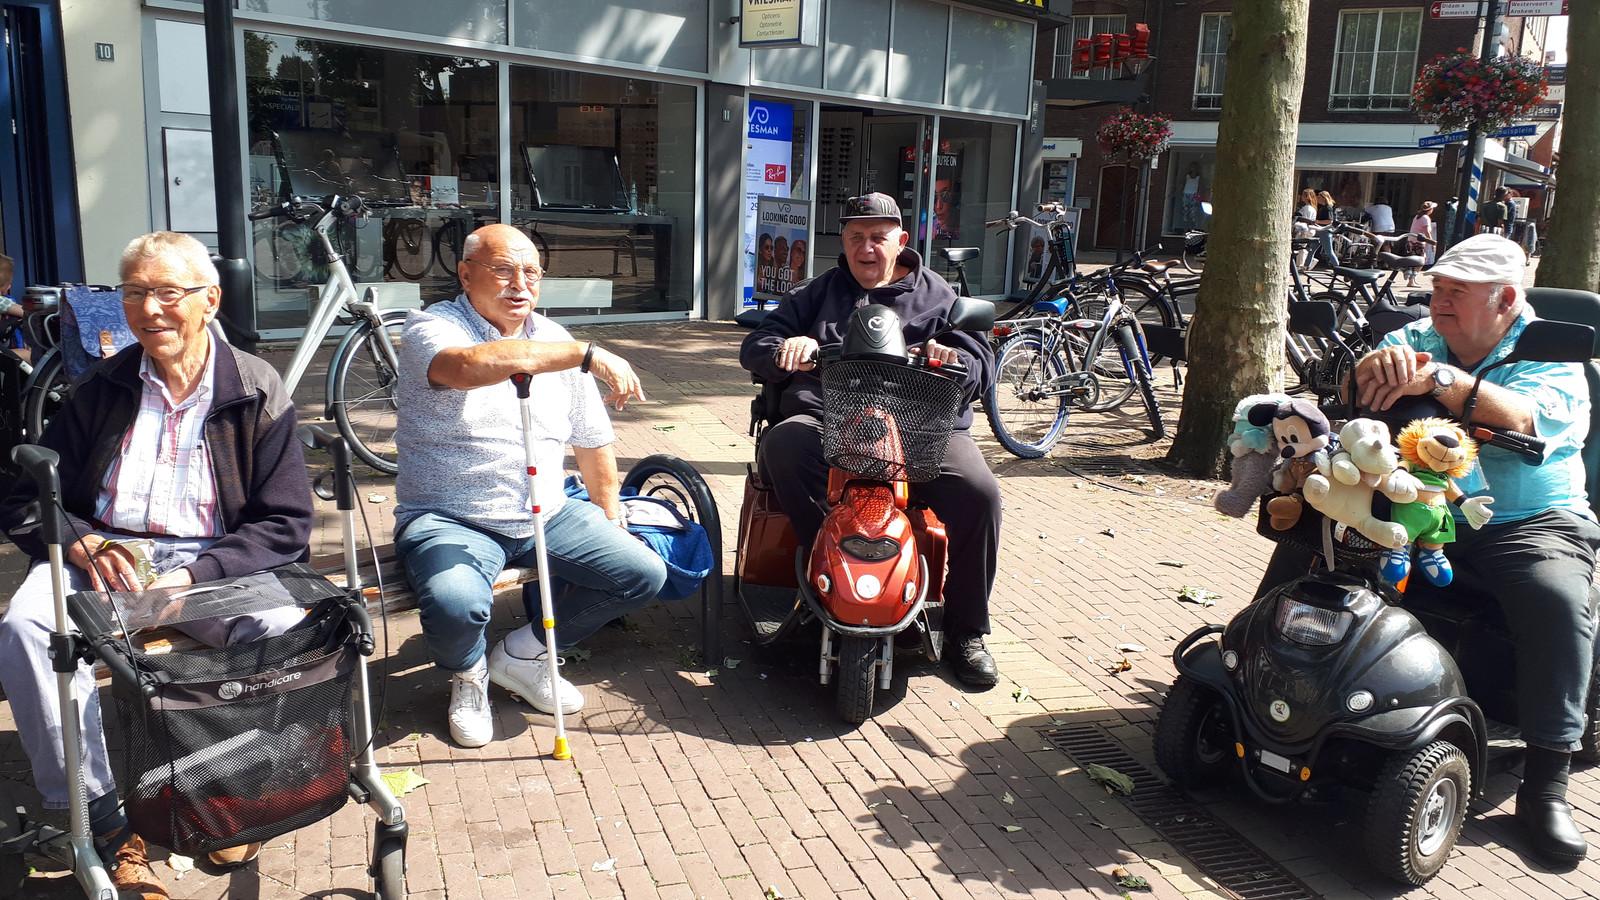 Berry van Rijnsoever, Jan Nas, Geert Bolder en Henk Kelderman (vlnr) bij 'hun' bankje aan het Raadhuisplein in Zevenaar.